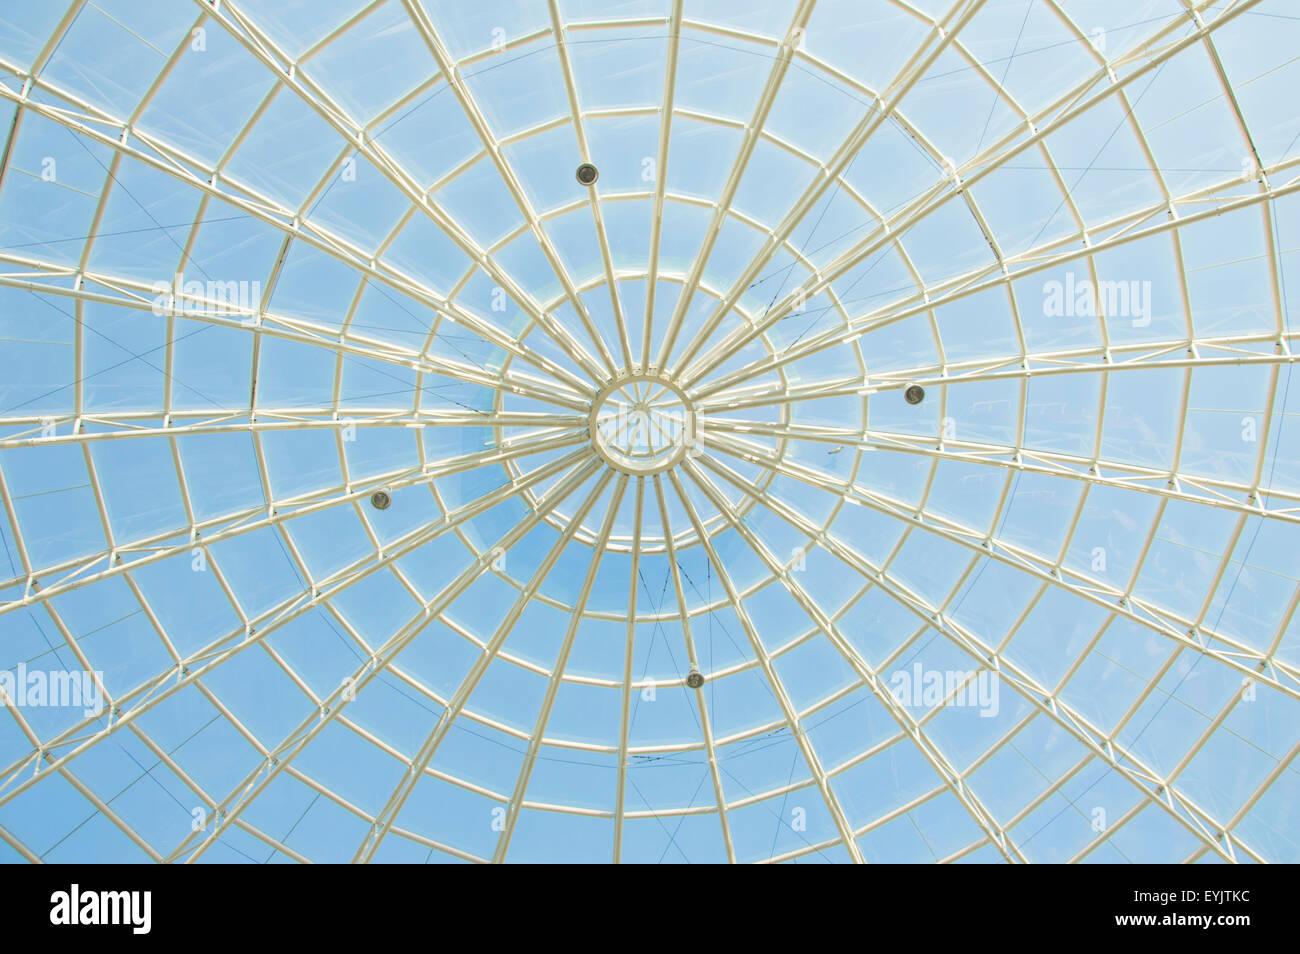 Arquitectura Web Spider Imagen De Stock